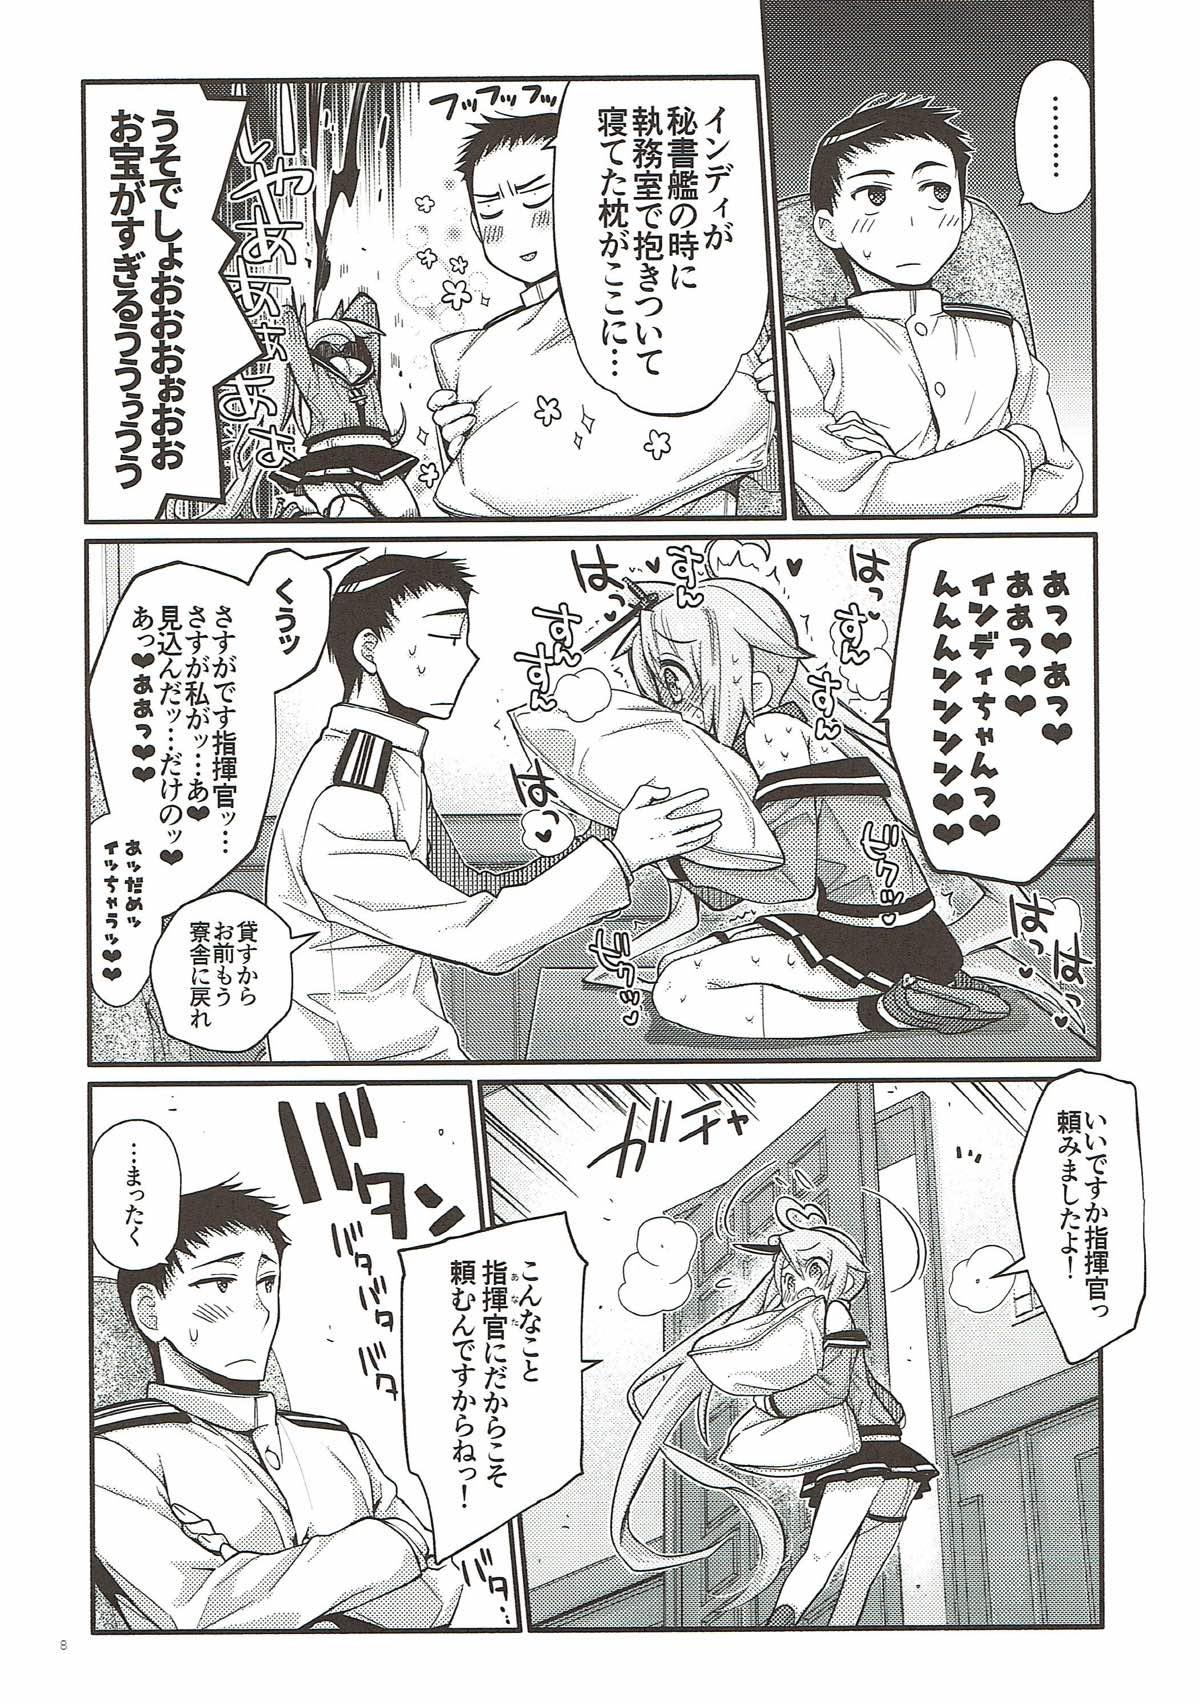 ほんと、あの、お姉ちゃんが色々ヒドくてごめん・・・私、指揮官になら、むりやりされてみたいなって・・・ちょっと思った・・・【アズールレーン エロ漫画・エロ同人】 (5)